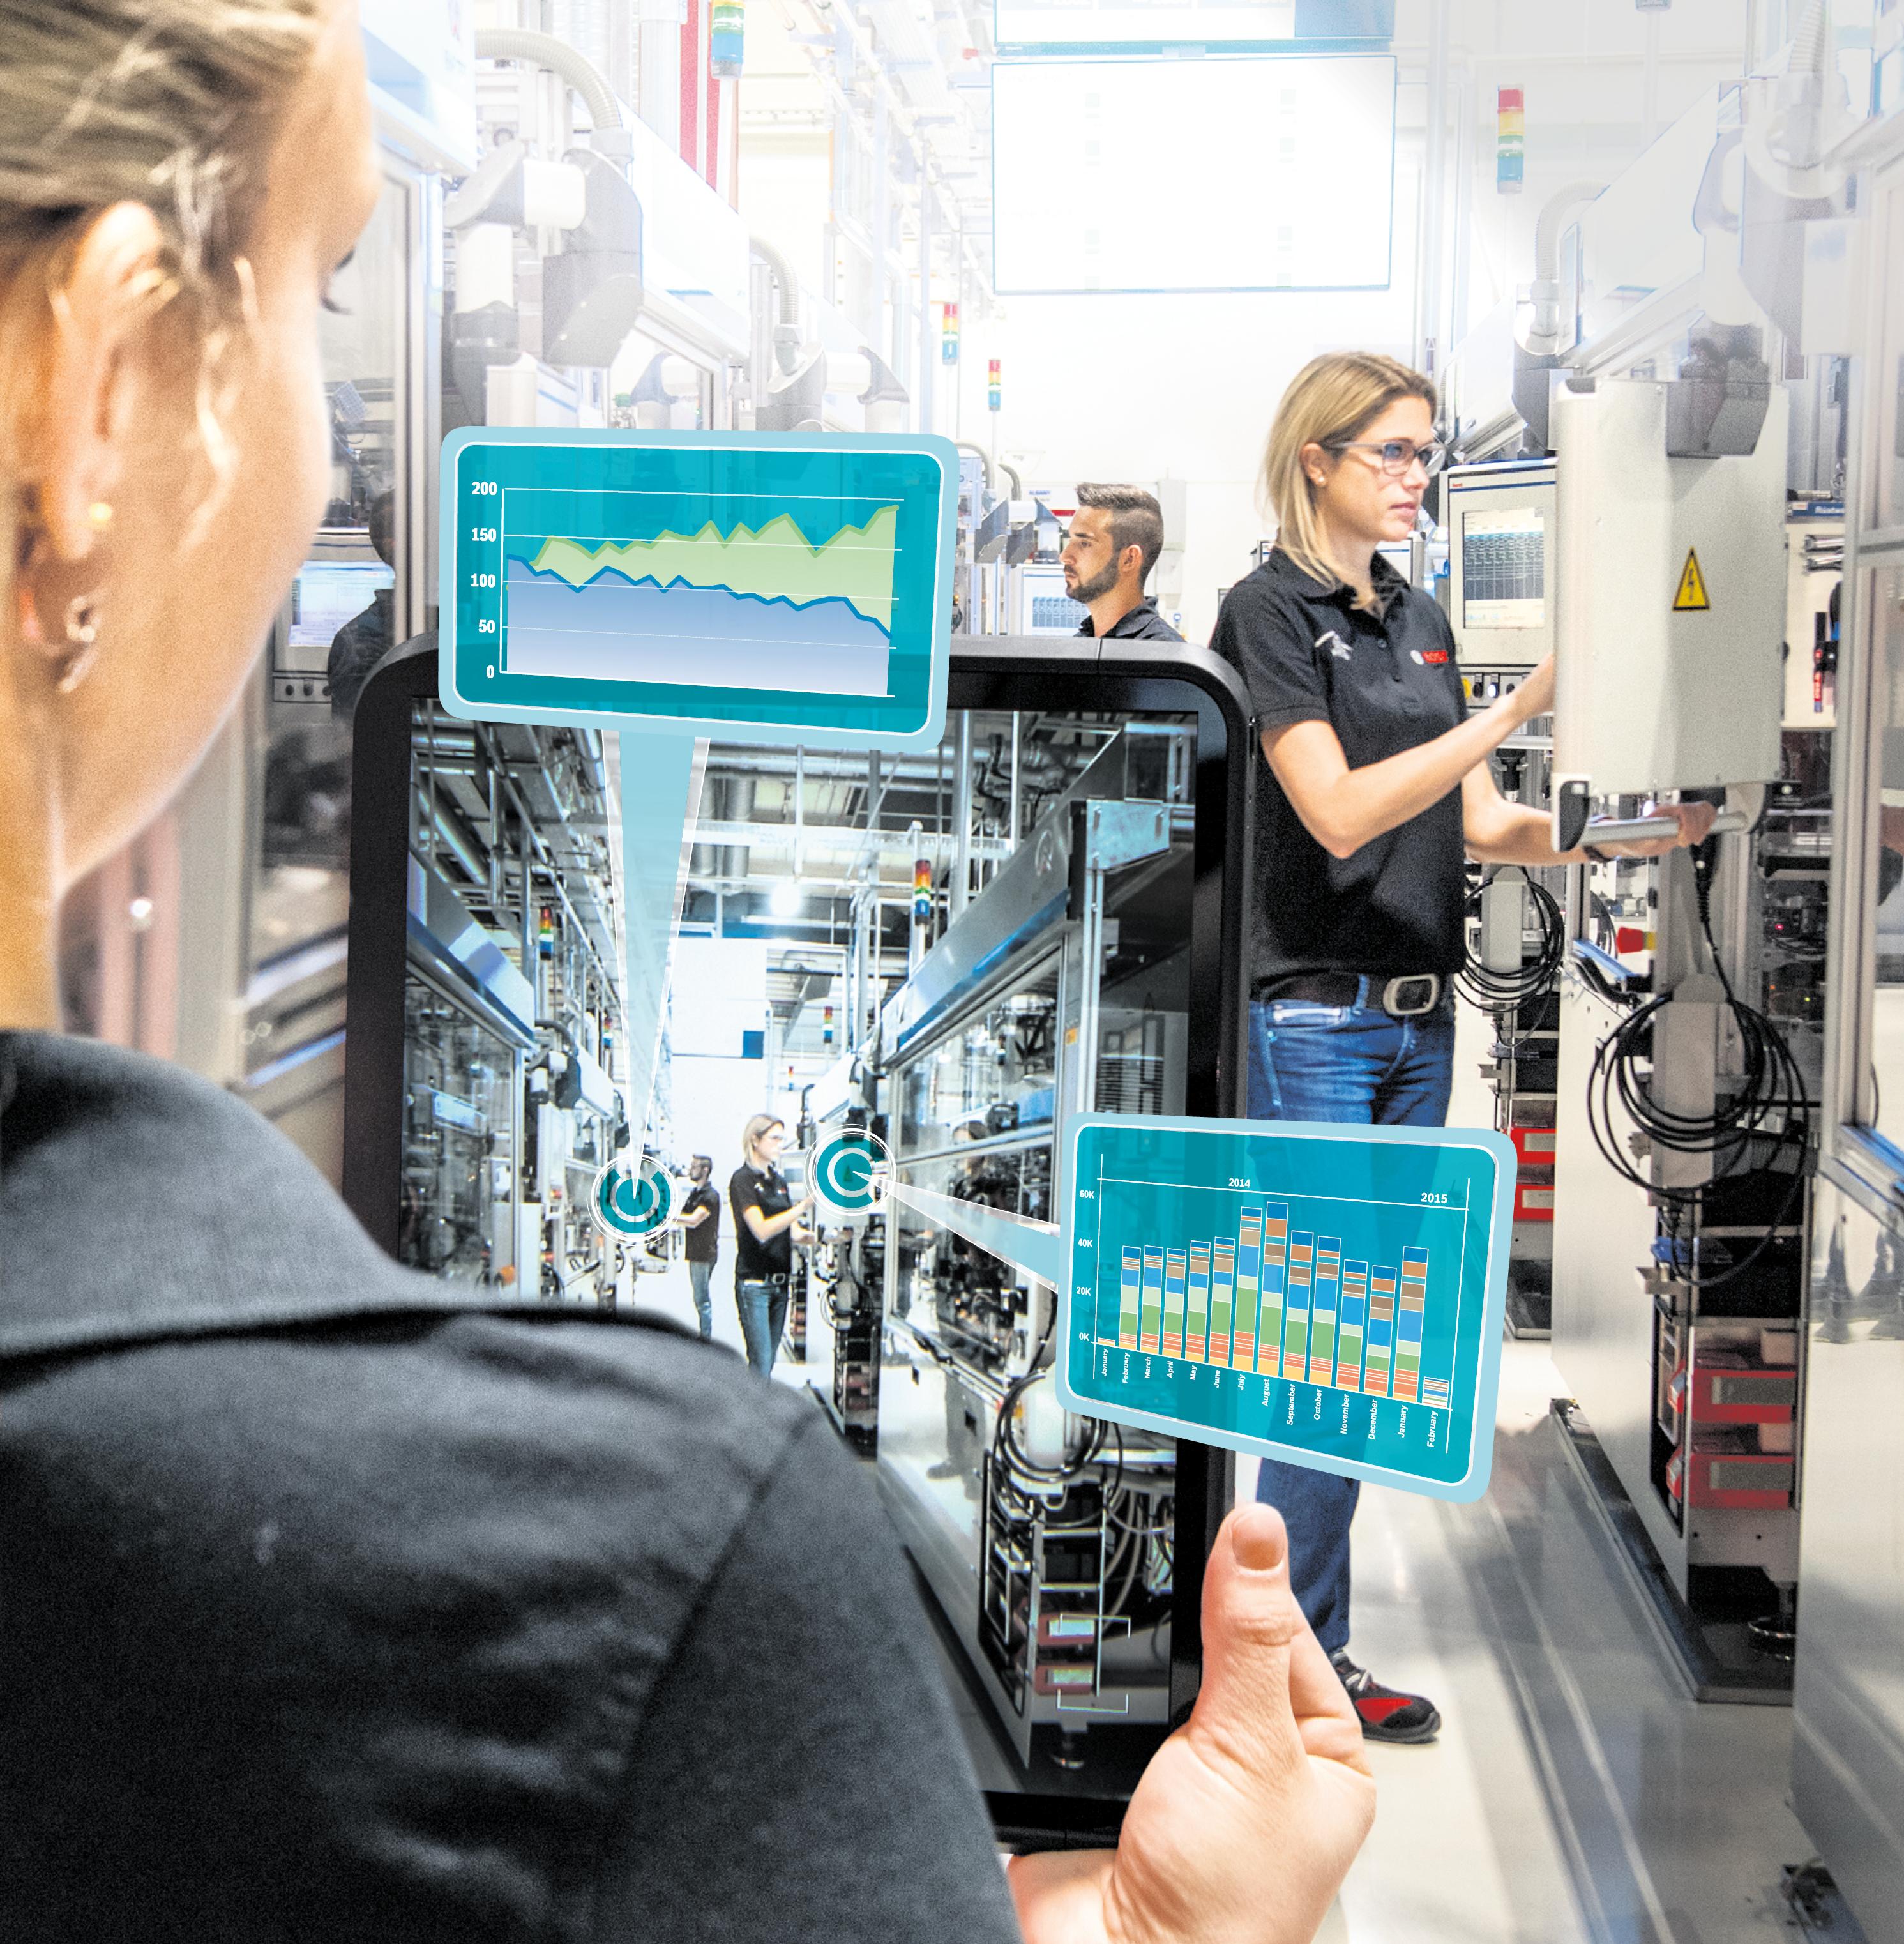 Priemysel 4.0 si hľadá cestu do výrobných závodov Bosch po celom svete